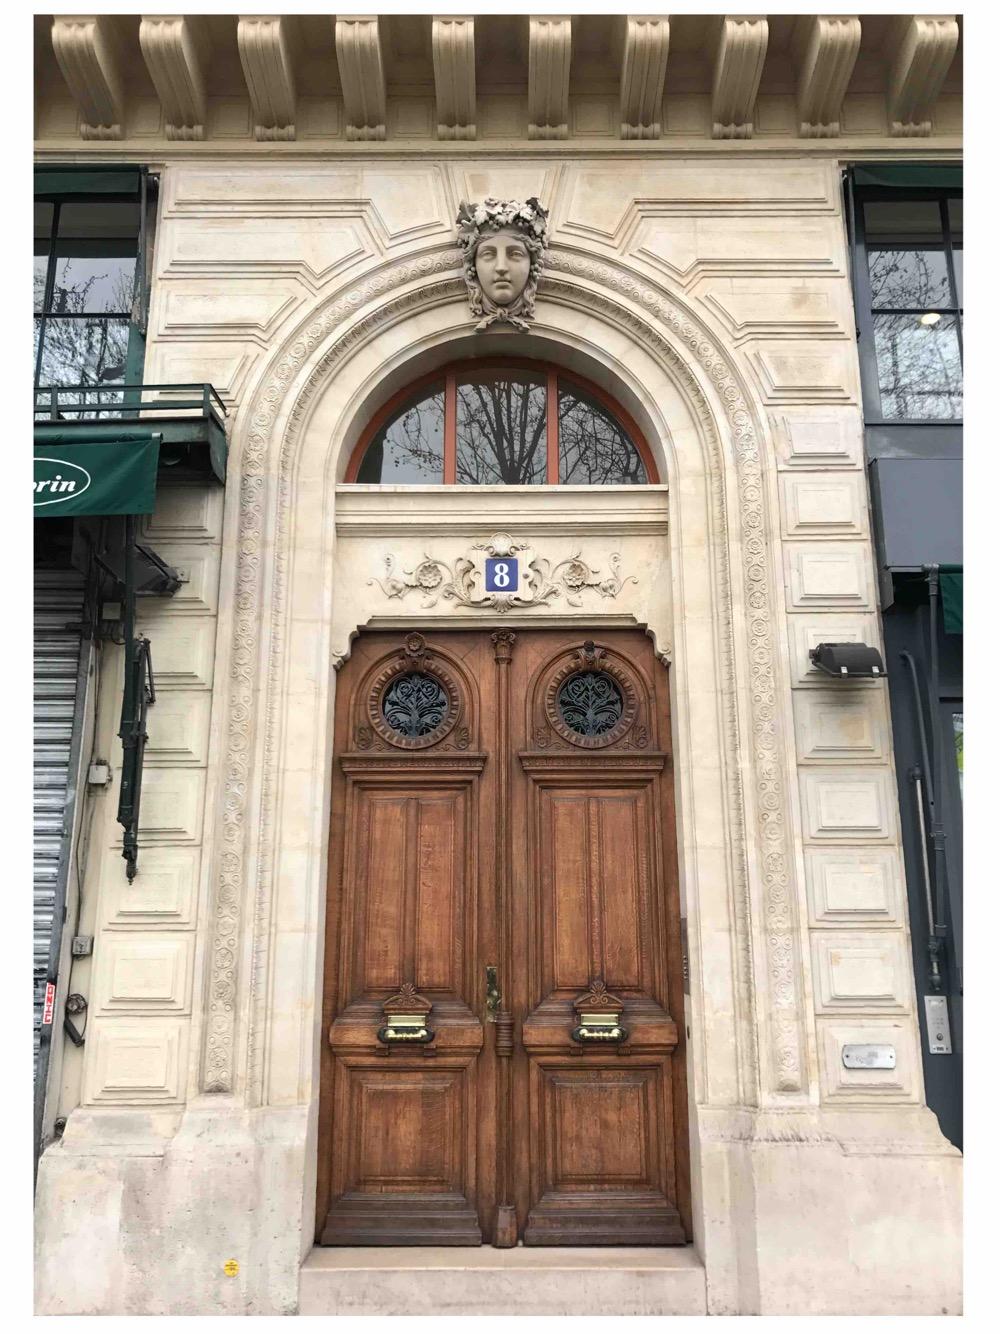 Porte Batarde Vernie Avec Voûte En Plein Cintre - 8 Quai De La Mégisserie - Paris 1er